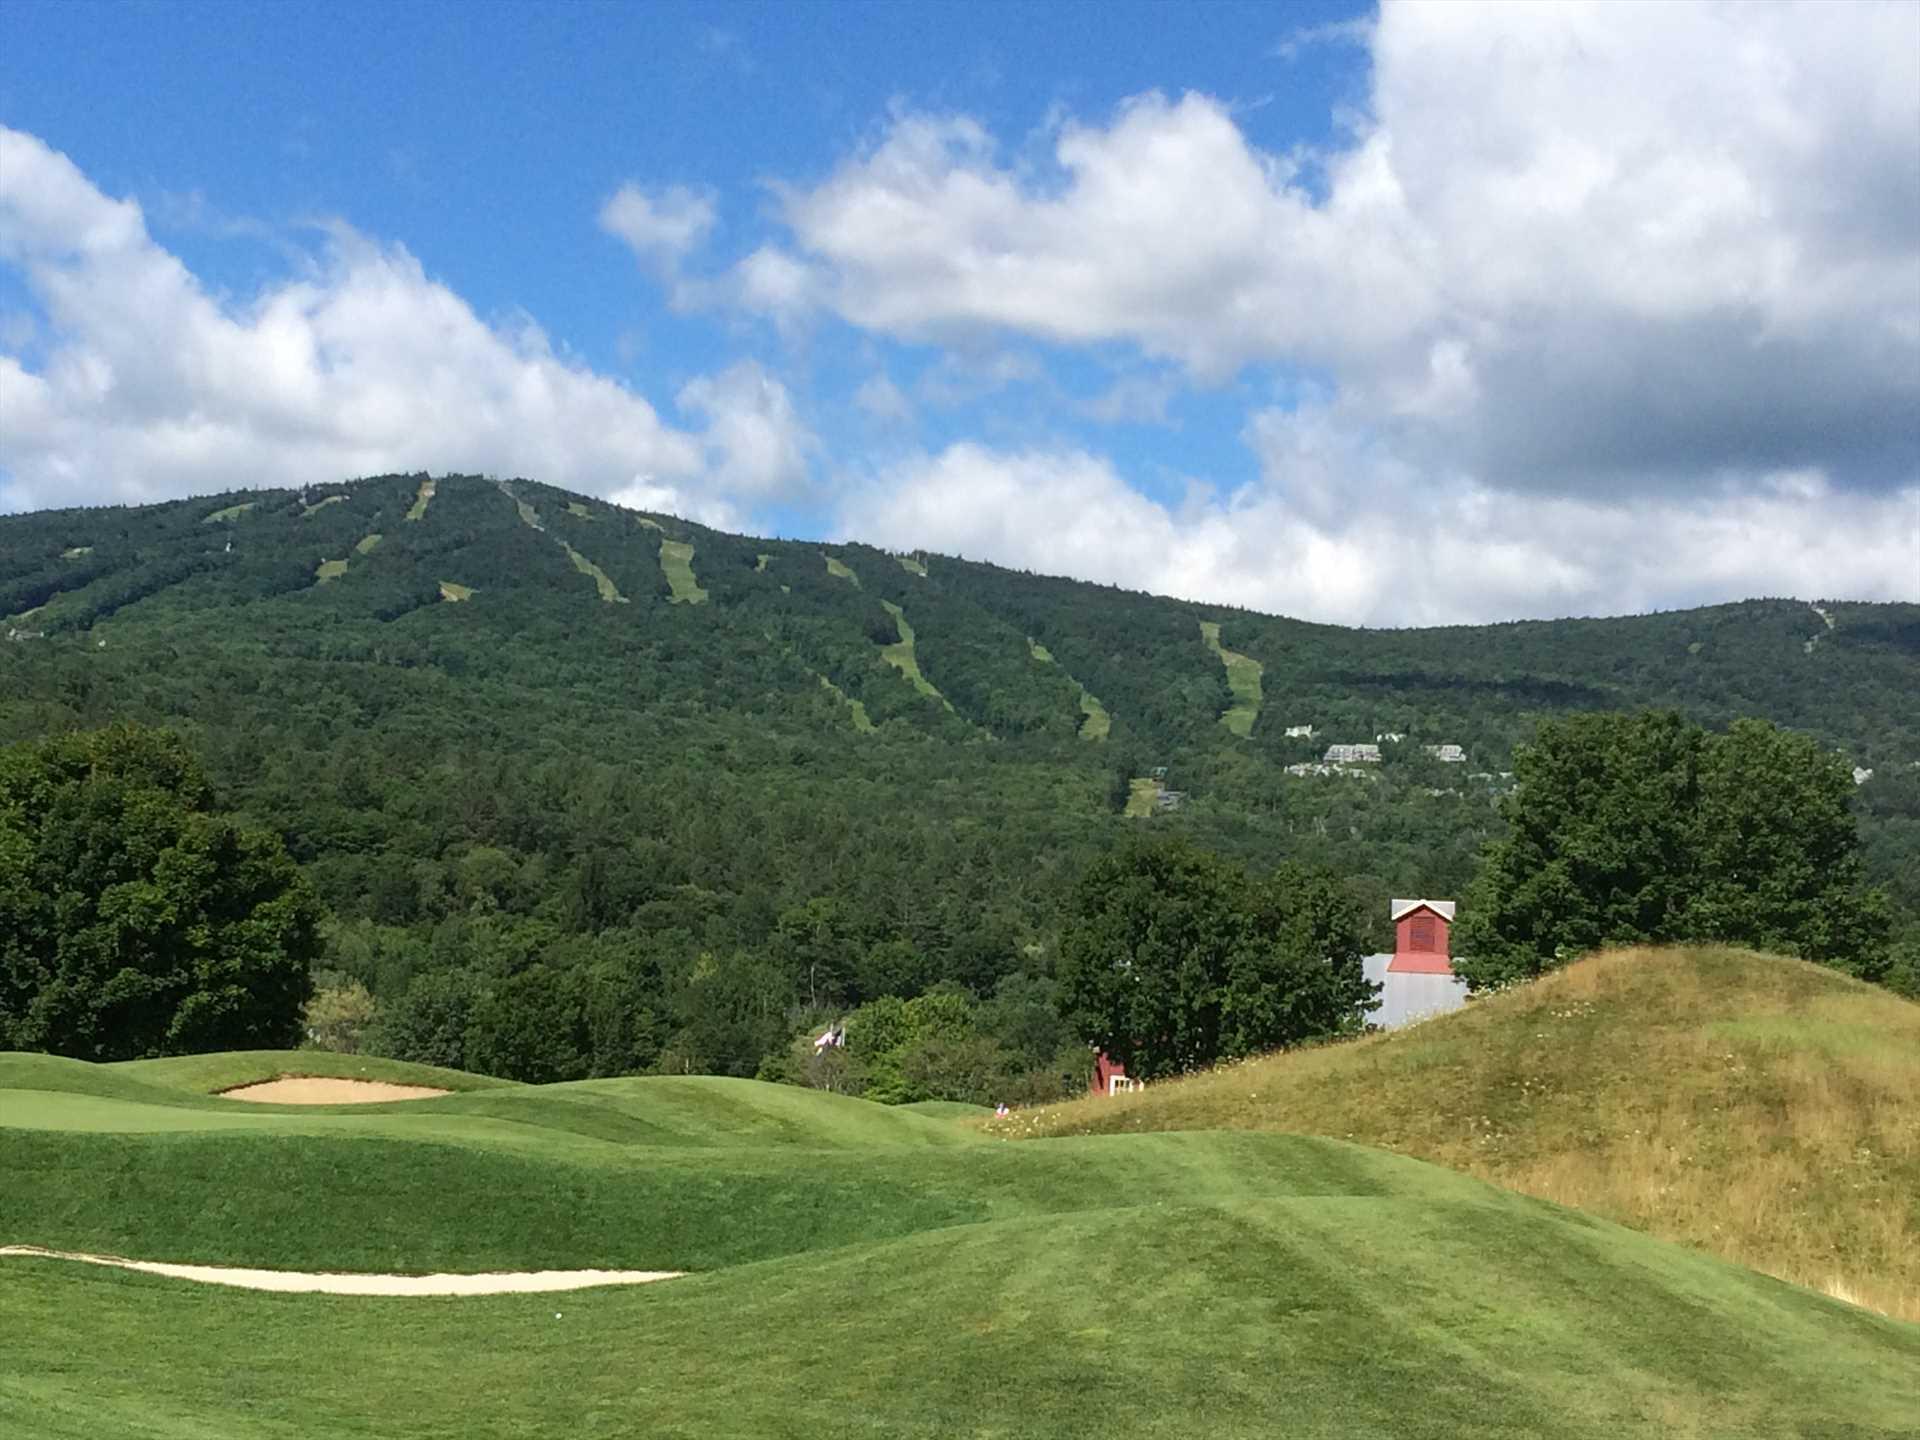 Okemo Valley Golf Course